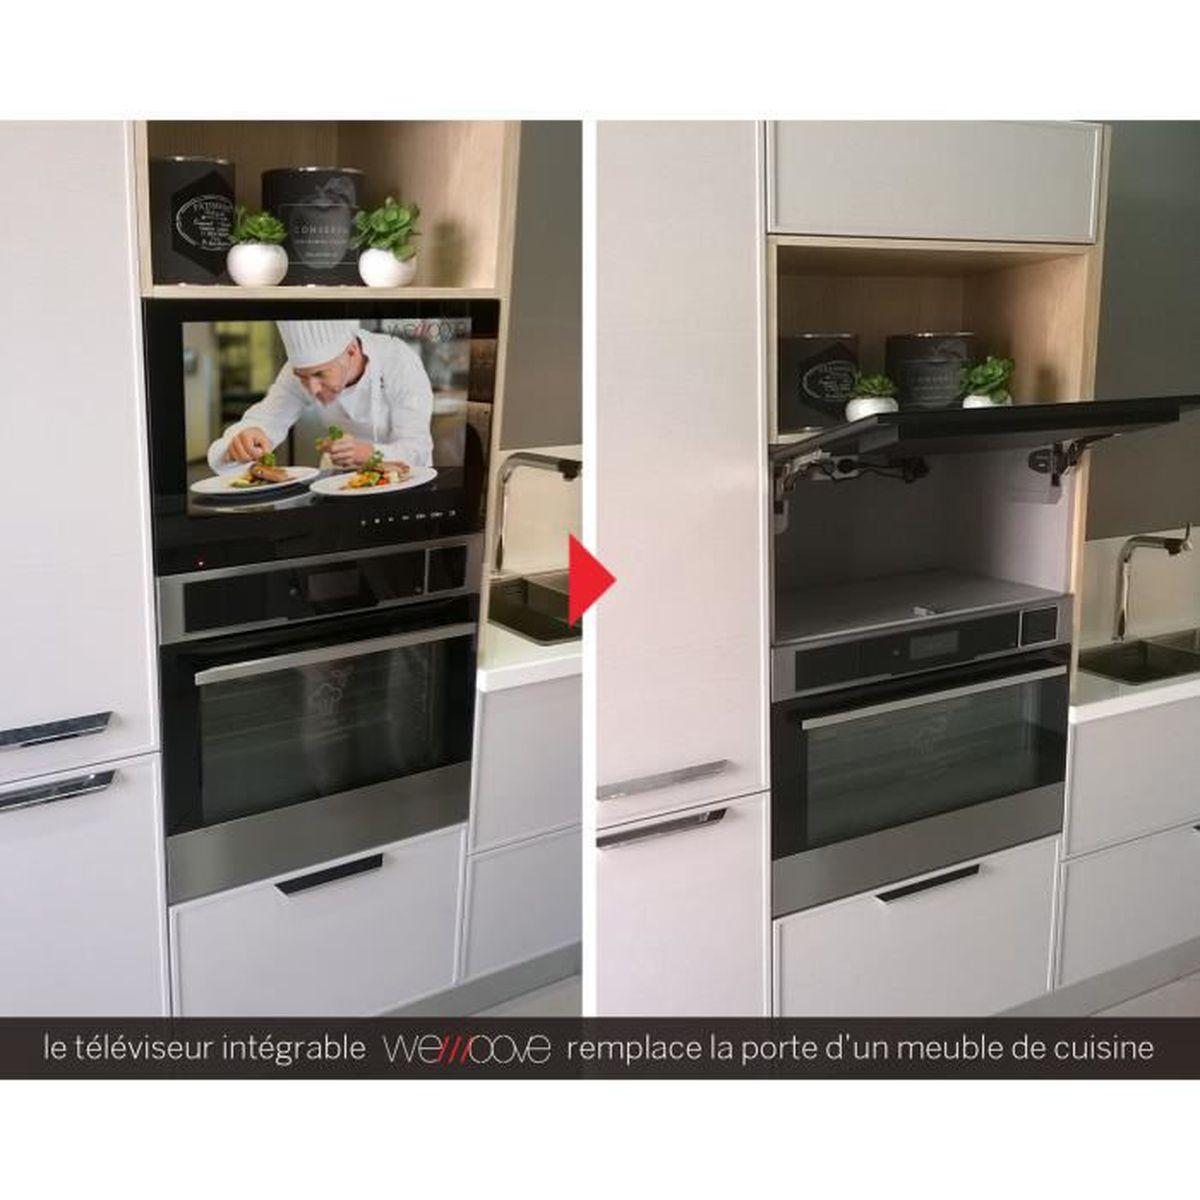 Tv Encastrable Cuisine 54 Cm Cadre Noir Design Compact Niche